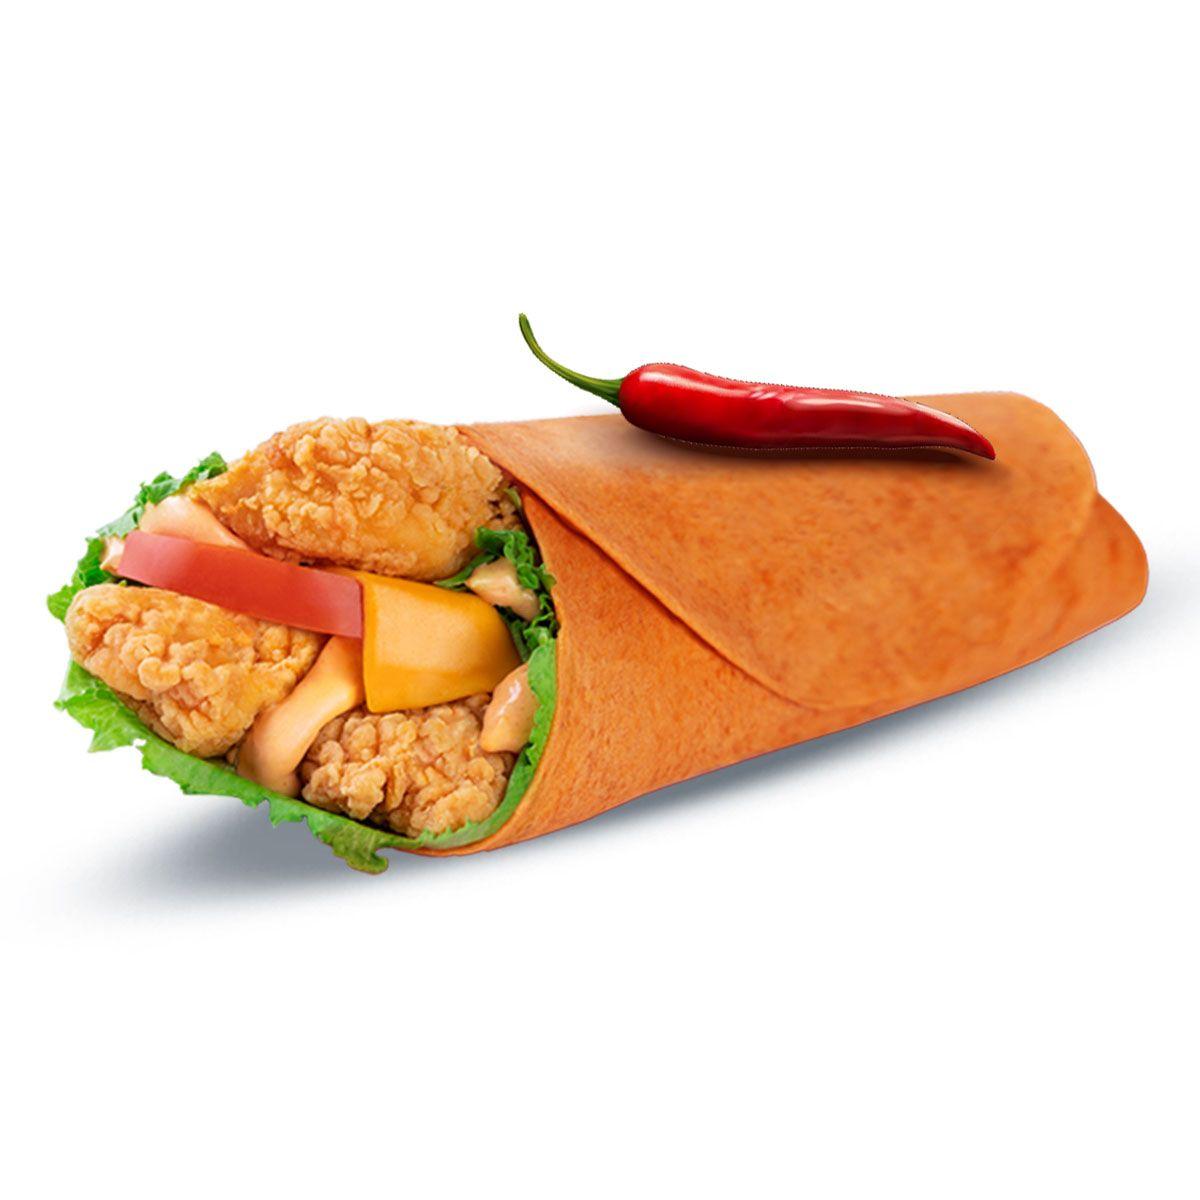 ساندوتش سبايسى كرسبى راب